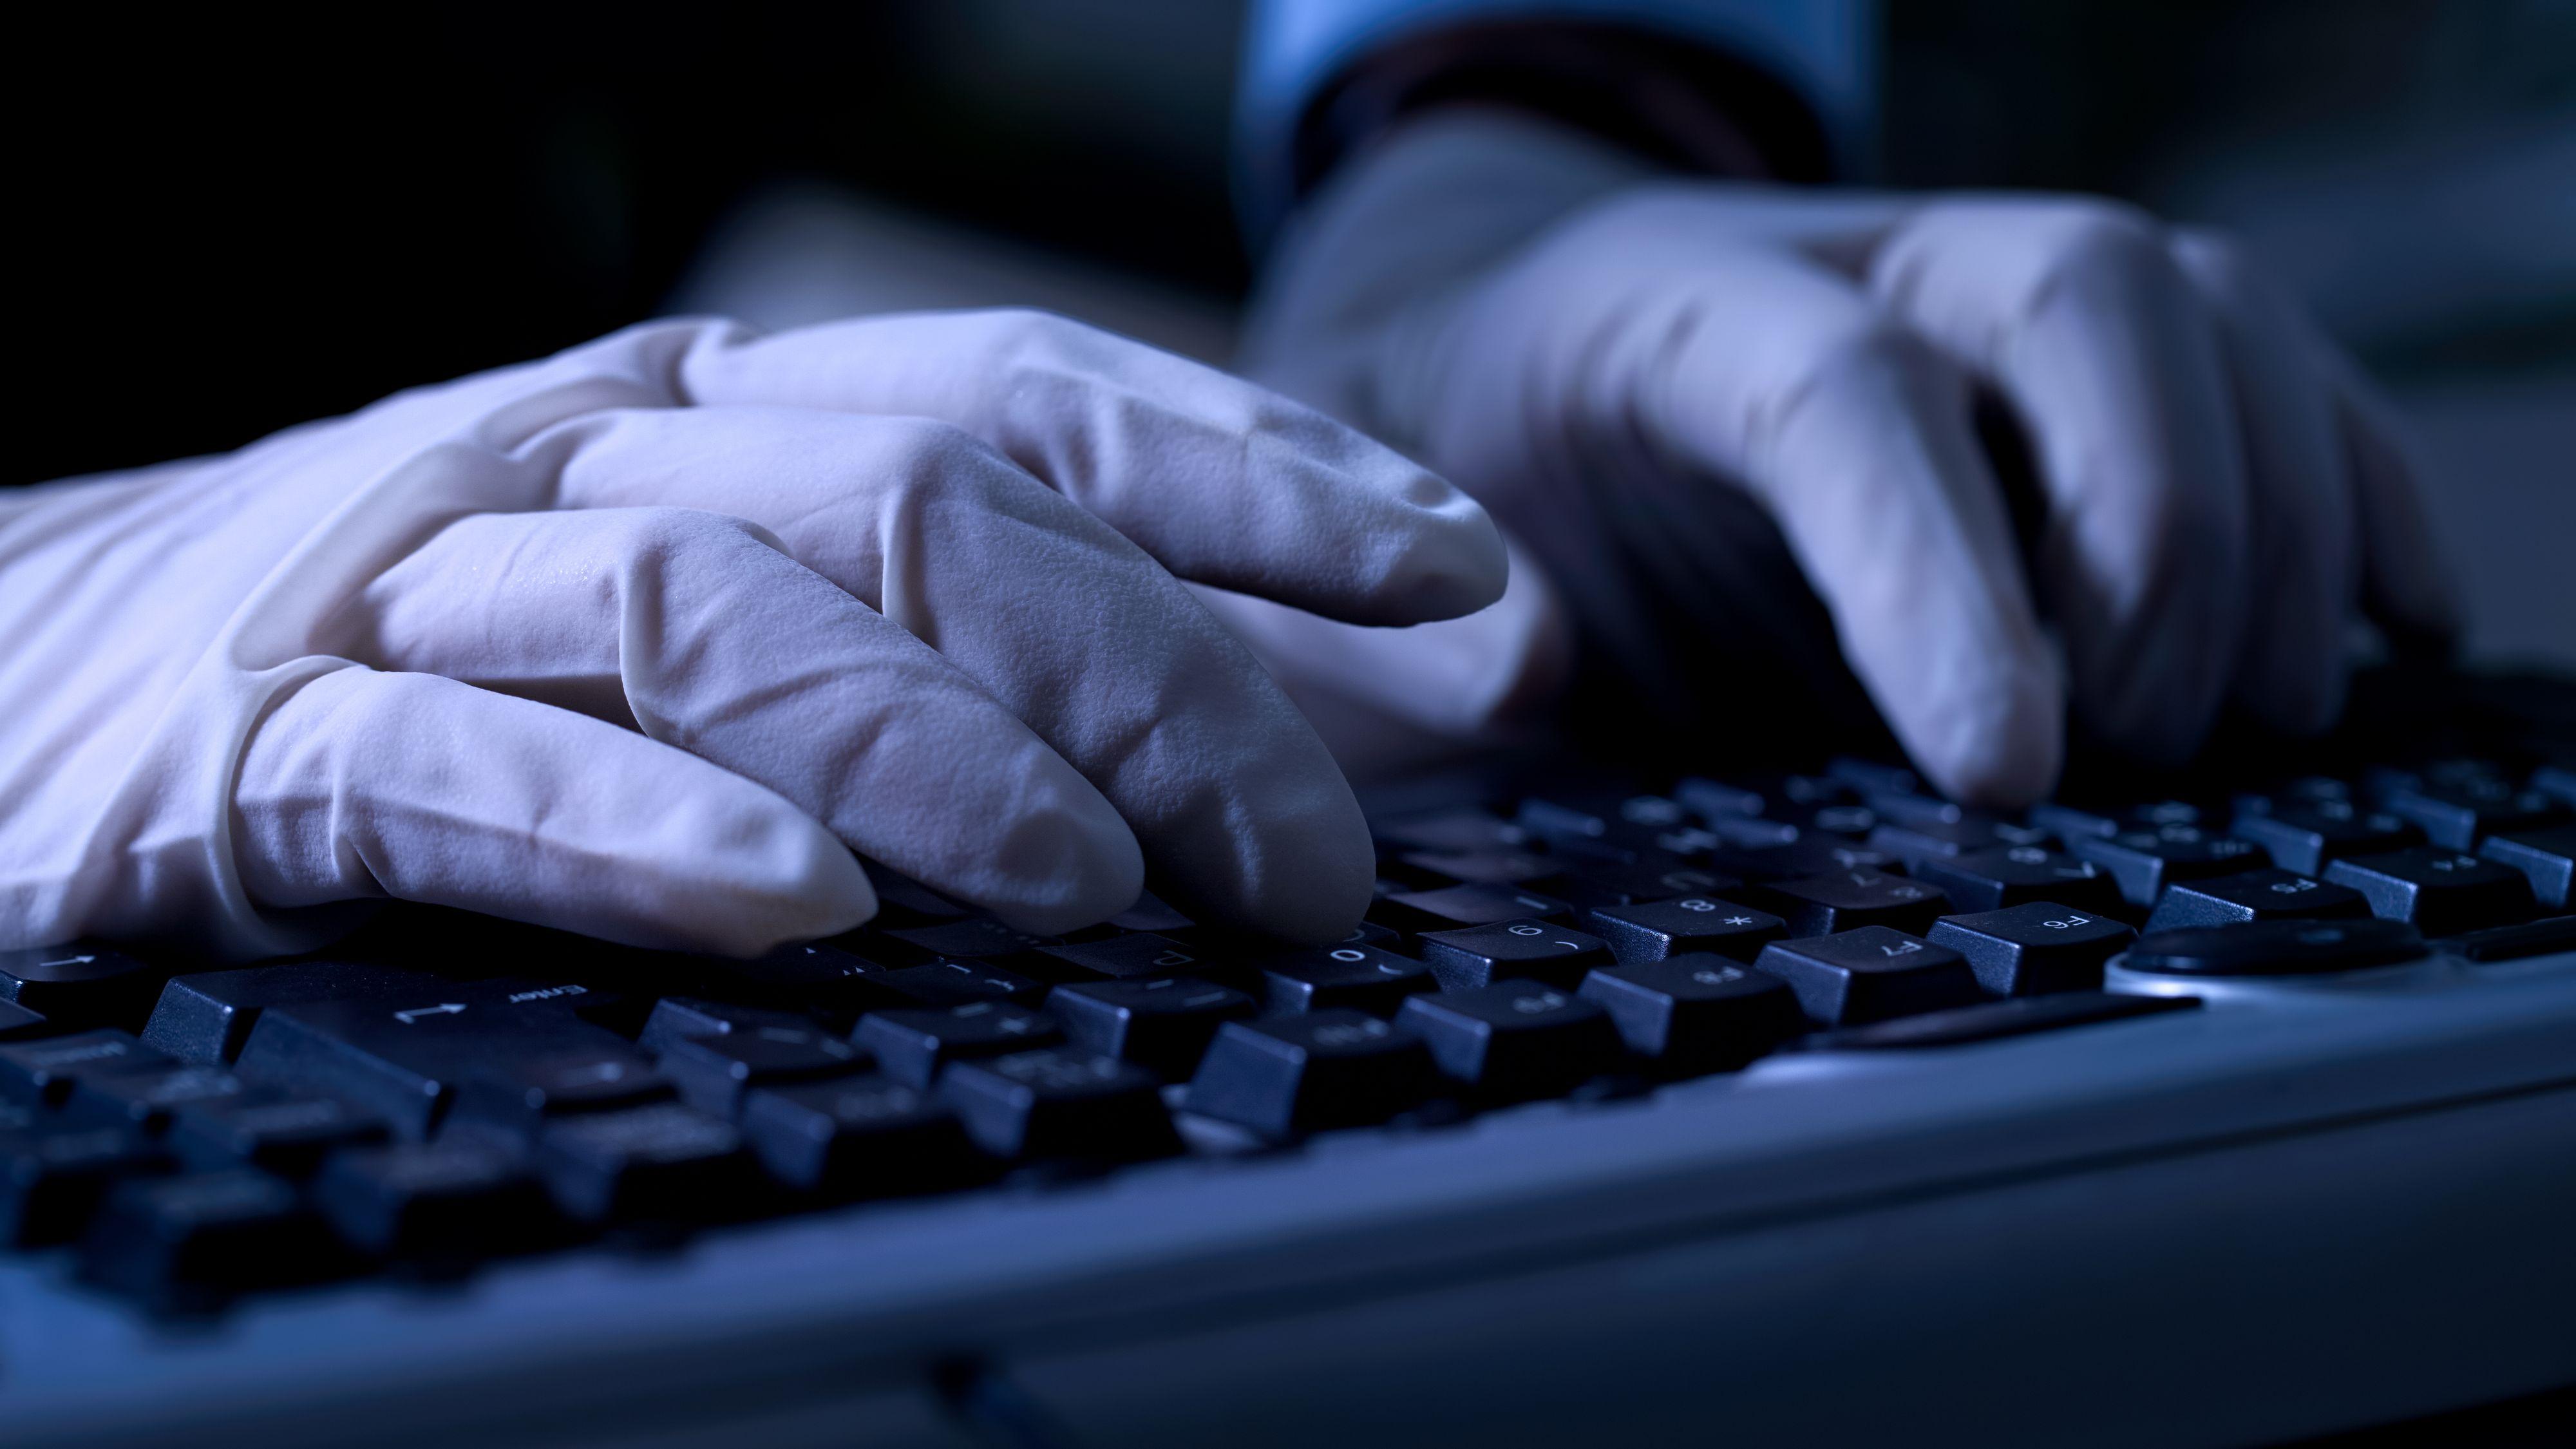 Forskere: BIOS-en din kan hackes raskt og enkelt